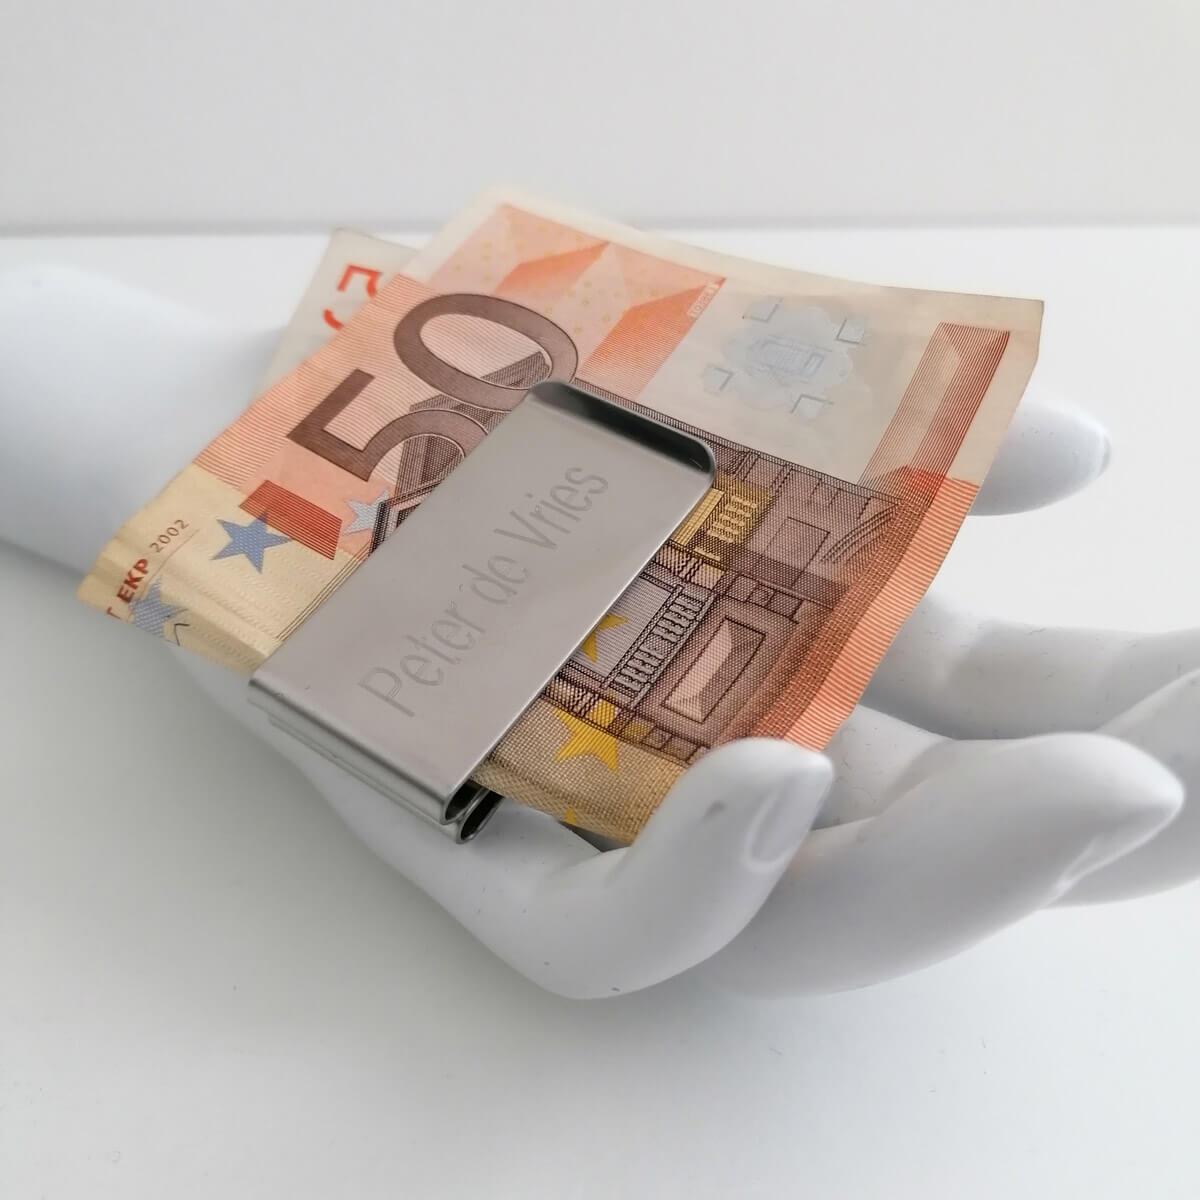 Moneyclip voor het veilig bewaren van papiergeld